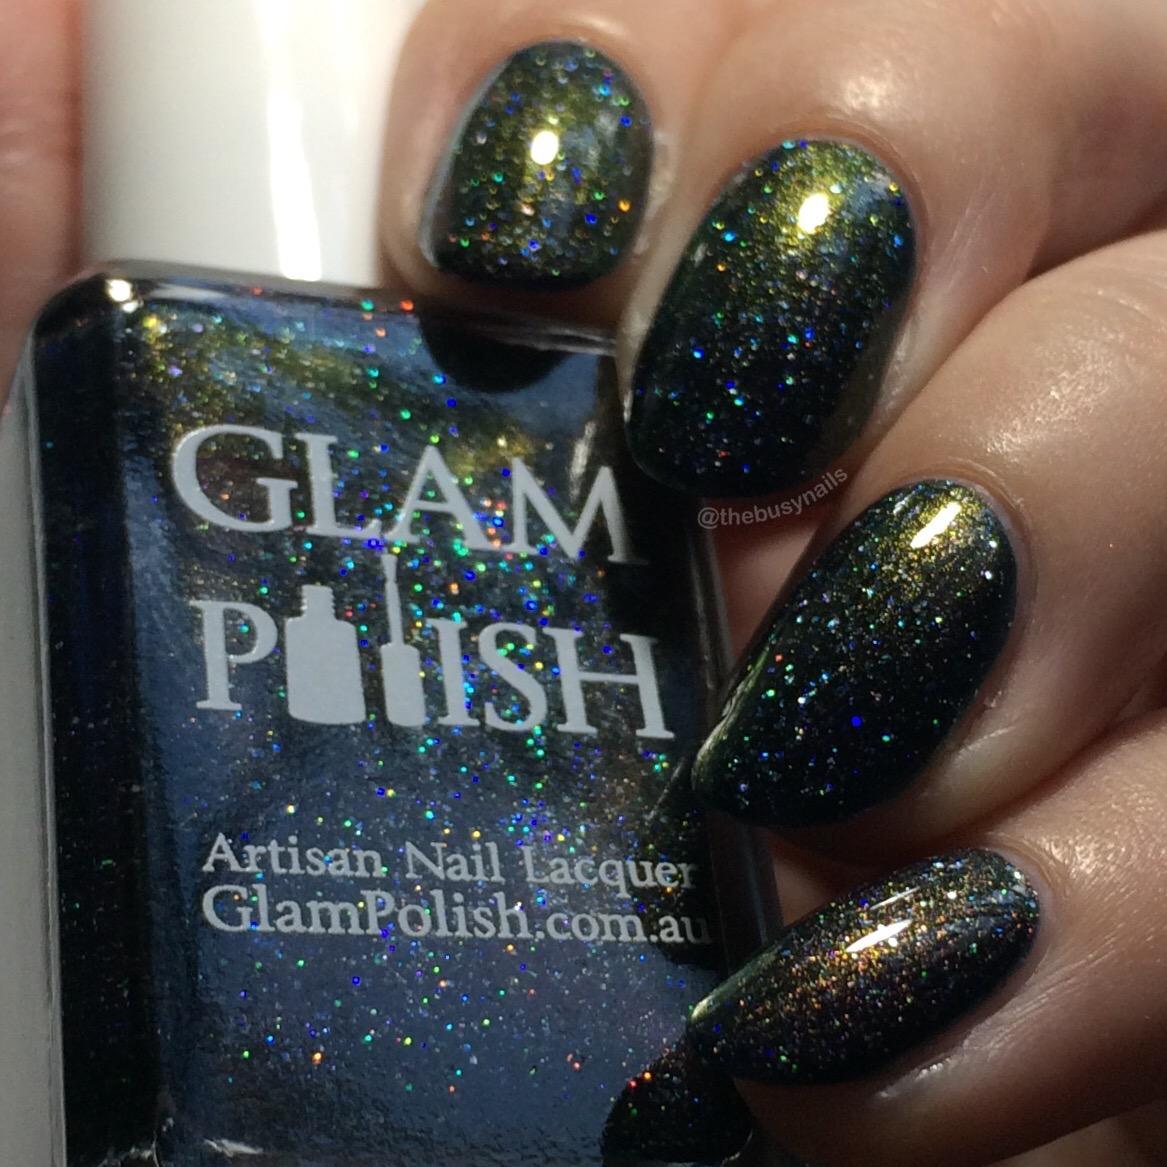 glampolish-beetlejuice-imyself3.jpg